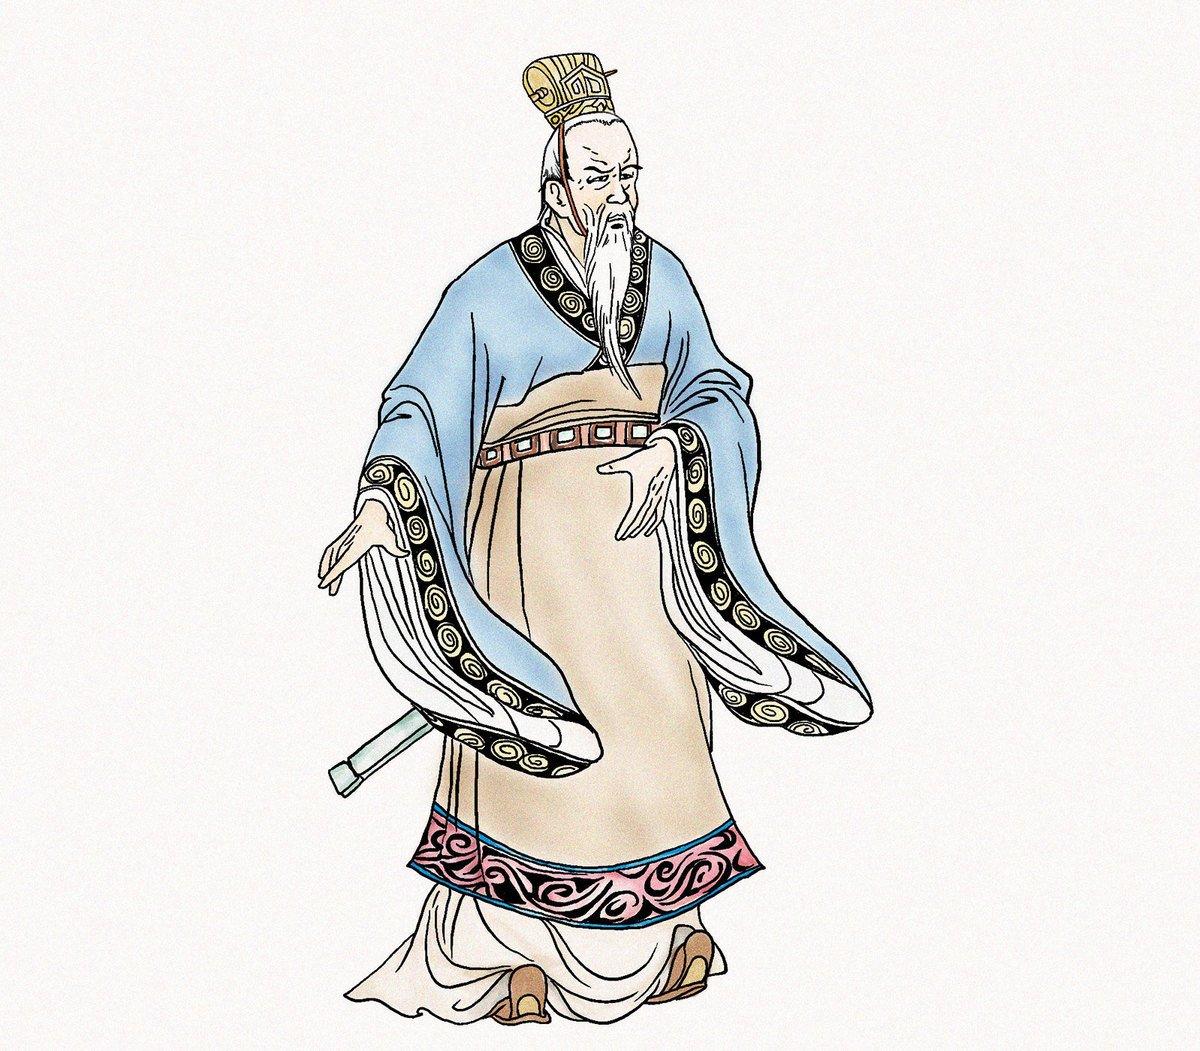 范增向項梁獻計,找楚王後代作為名義上的諸侯領袖。(圖/新唐人電視台)